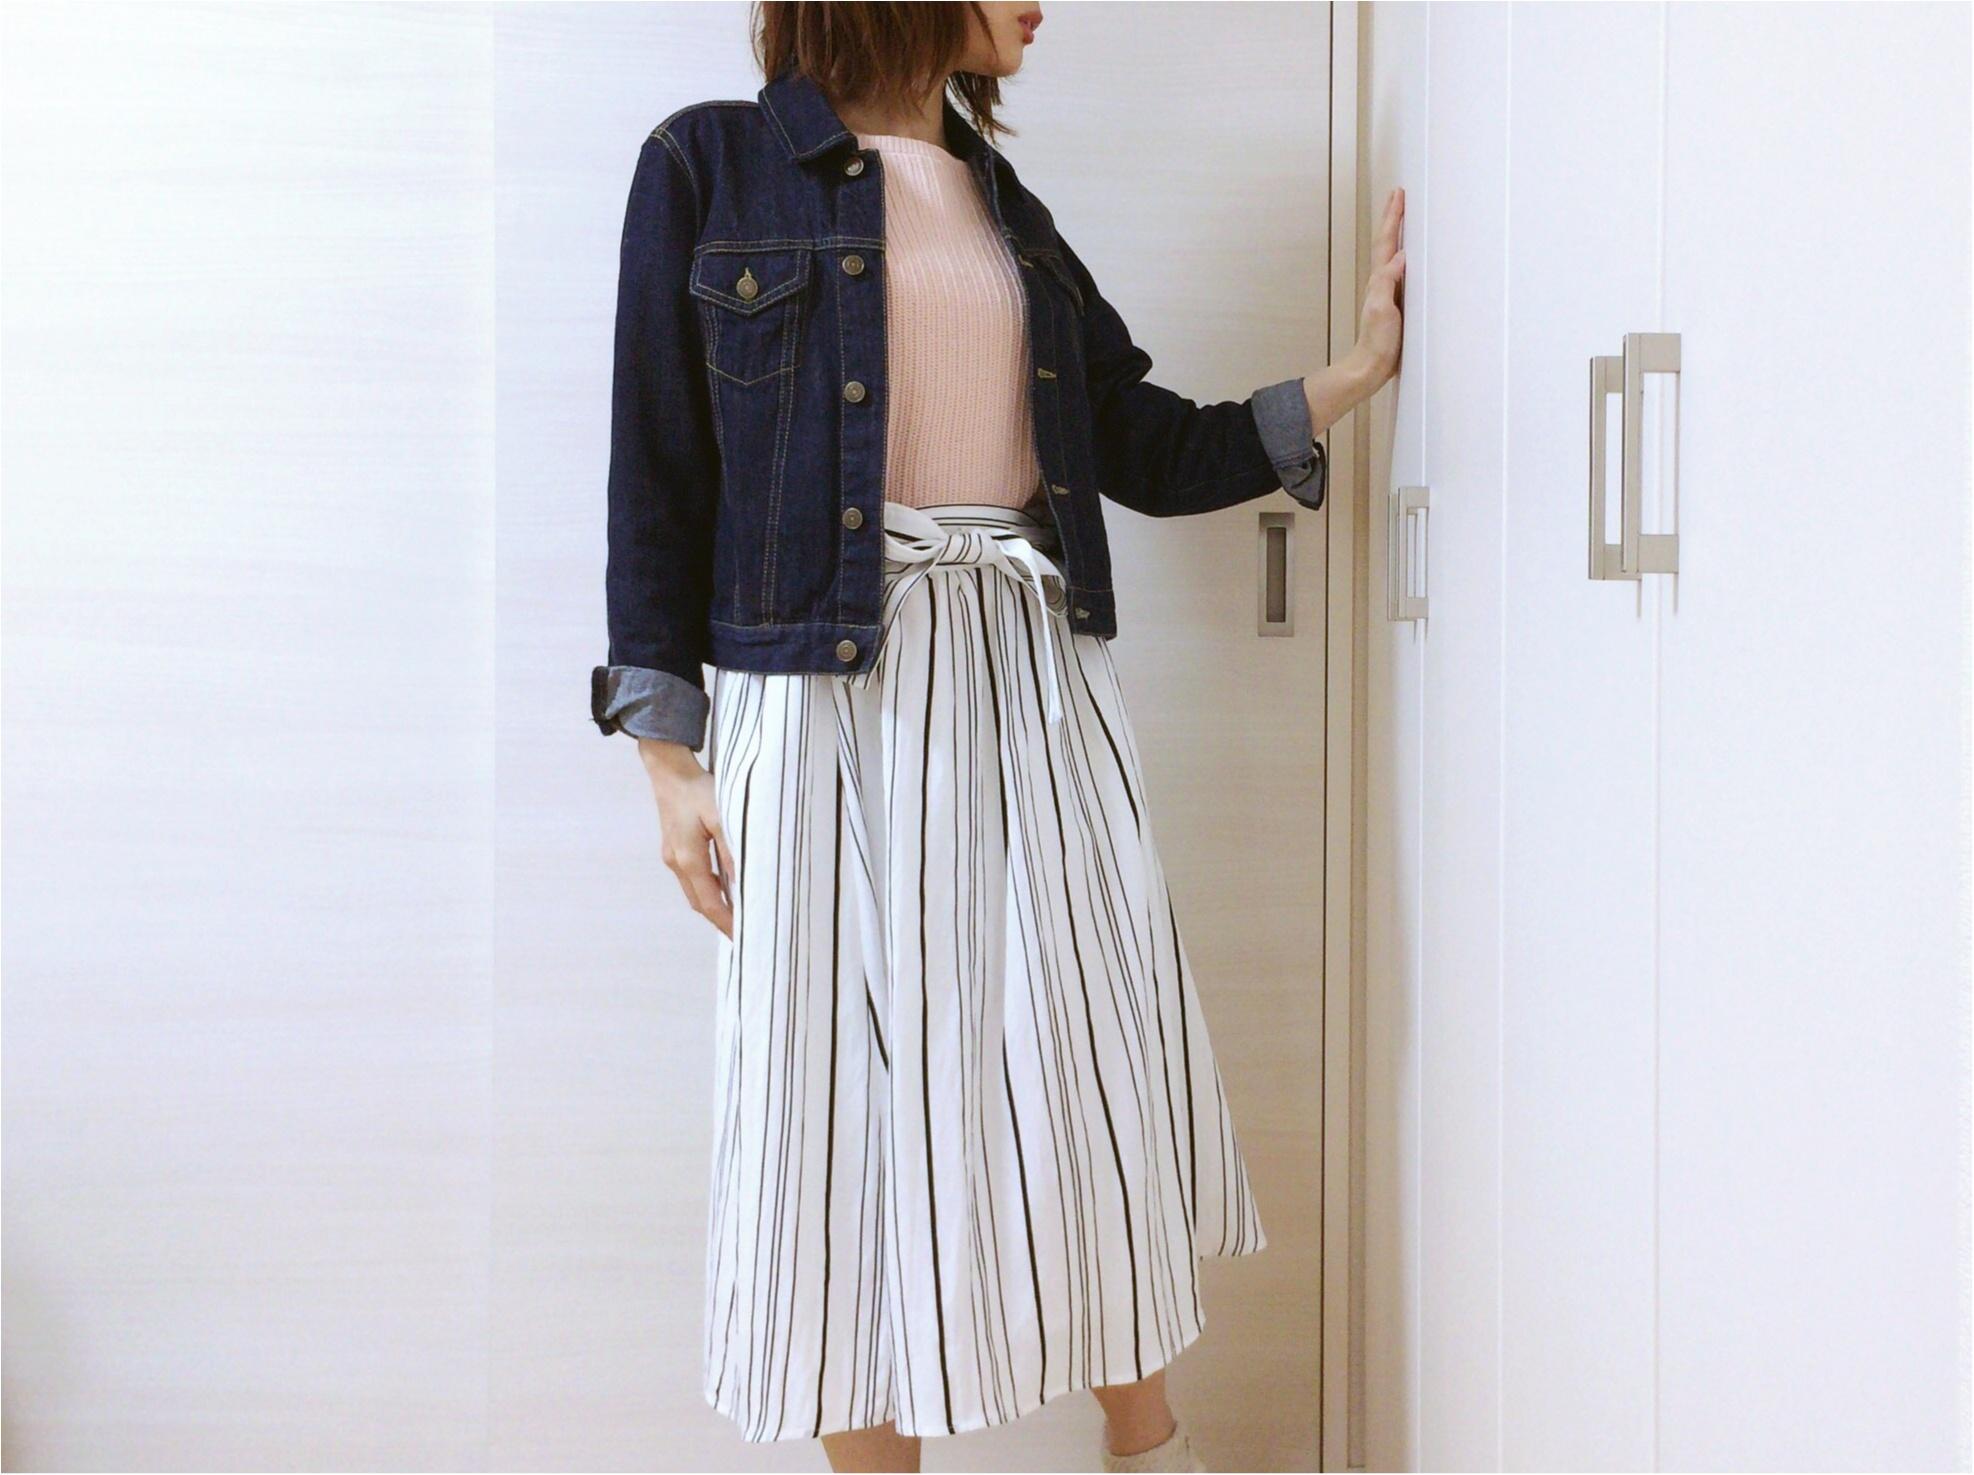 佐藤ありさコラボ服『FlowerDays』流行《ストライプ》リネン風スカートは着回しも着心地も楽チン!_7